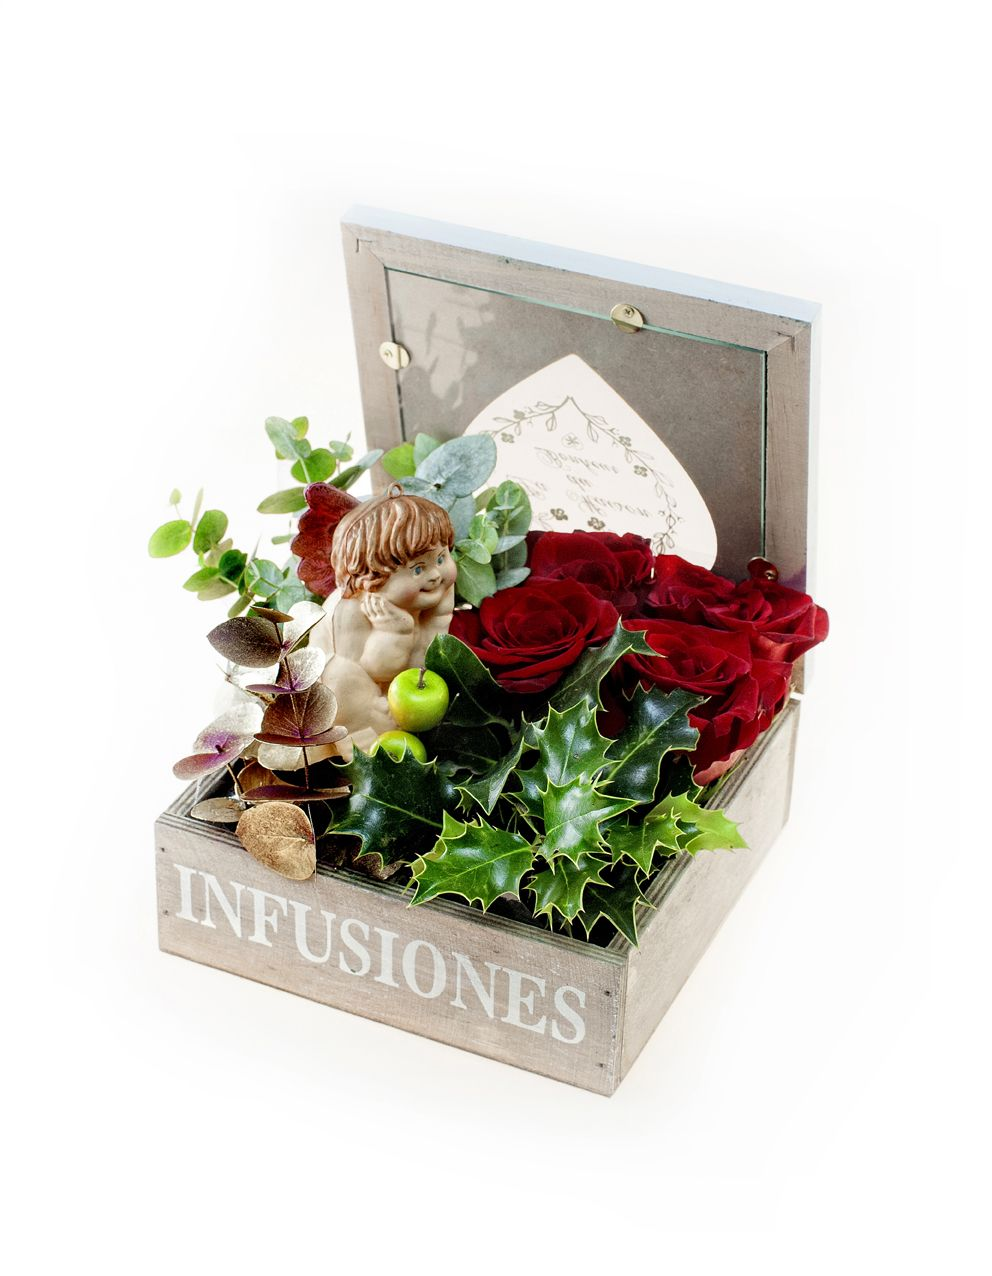 www.carolinabouquet.com caja de madera con tapa de cristal,forma de corazón.Con 4 departamentos con rosas naturales y verdes navideños varios. pick de angelote